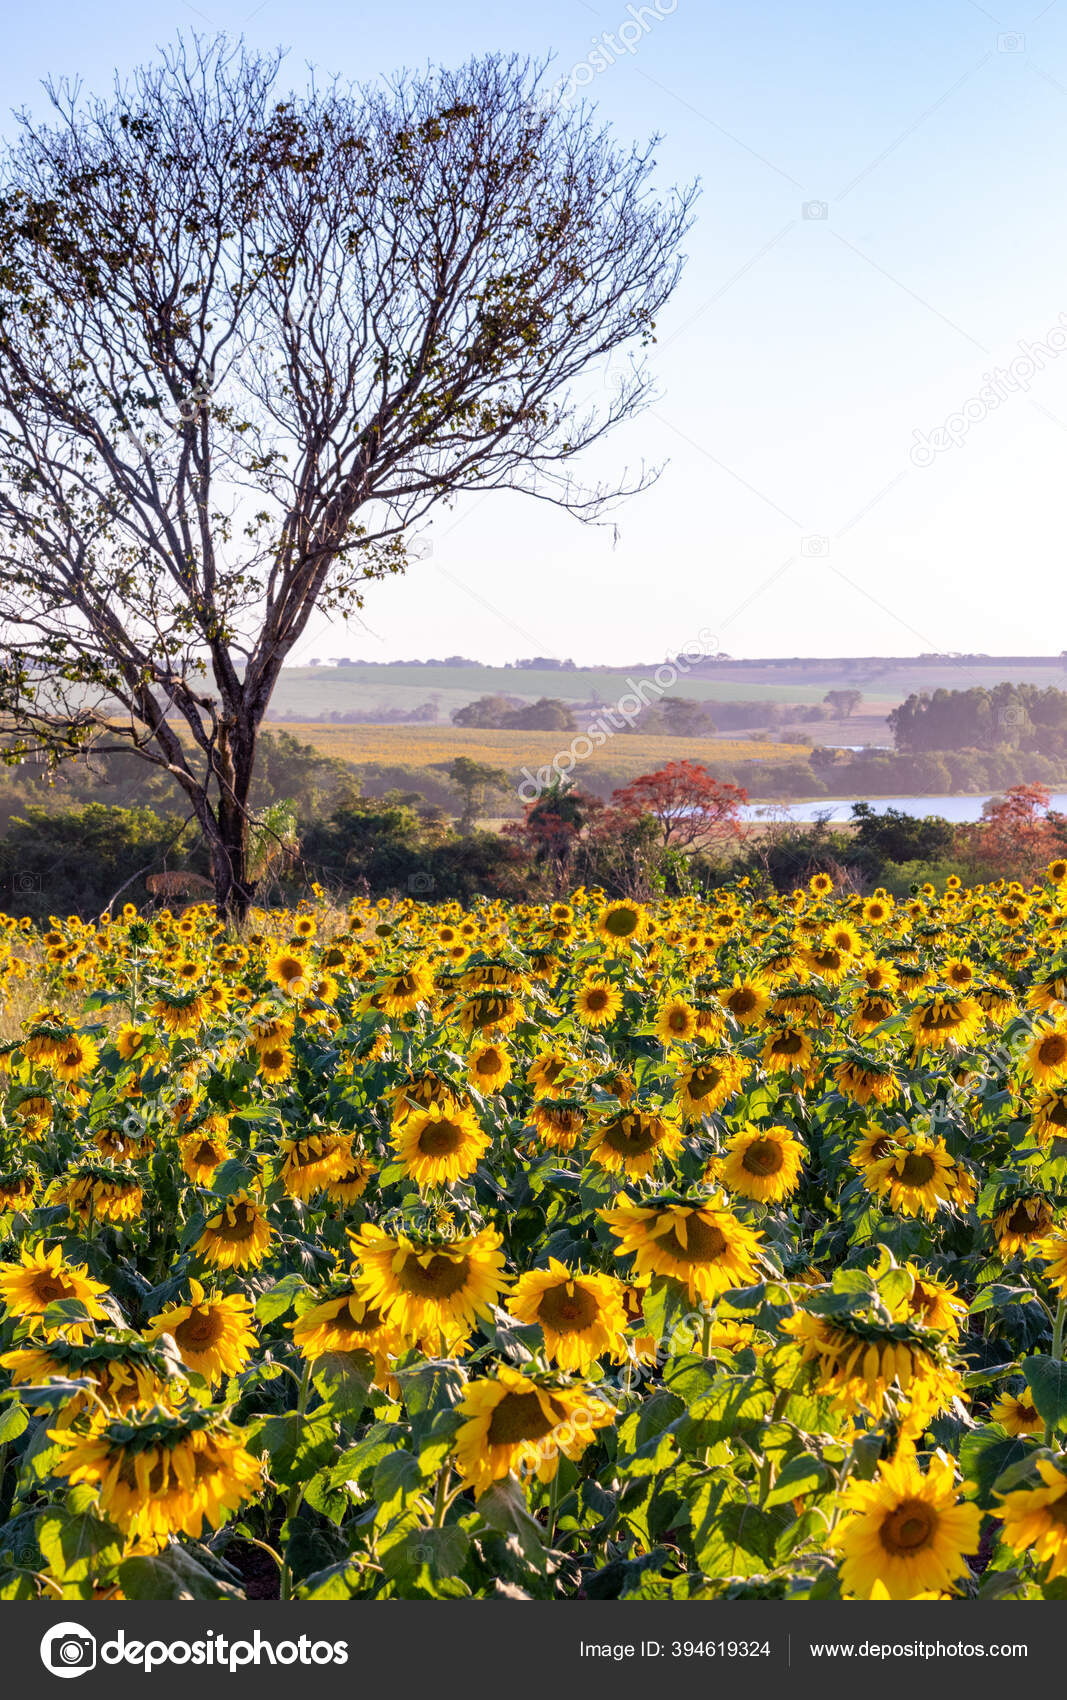 Ladang Bunga Matahari Pemandangan Perkebunan Bunga Matahari Bunga Matahari Stok Foto C Gersonfortes 394619324